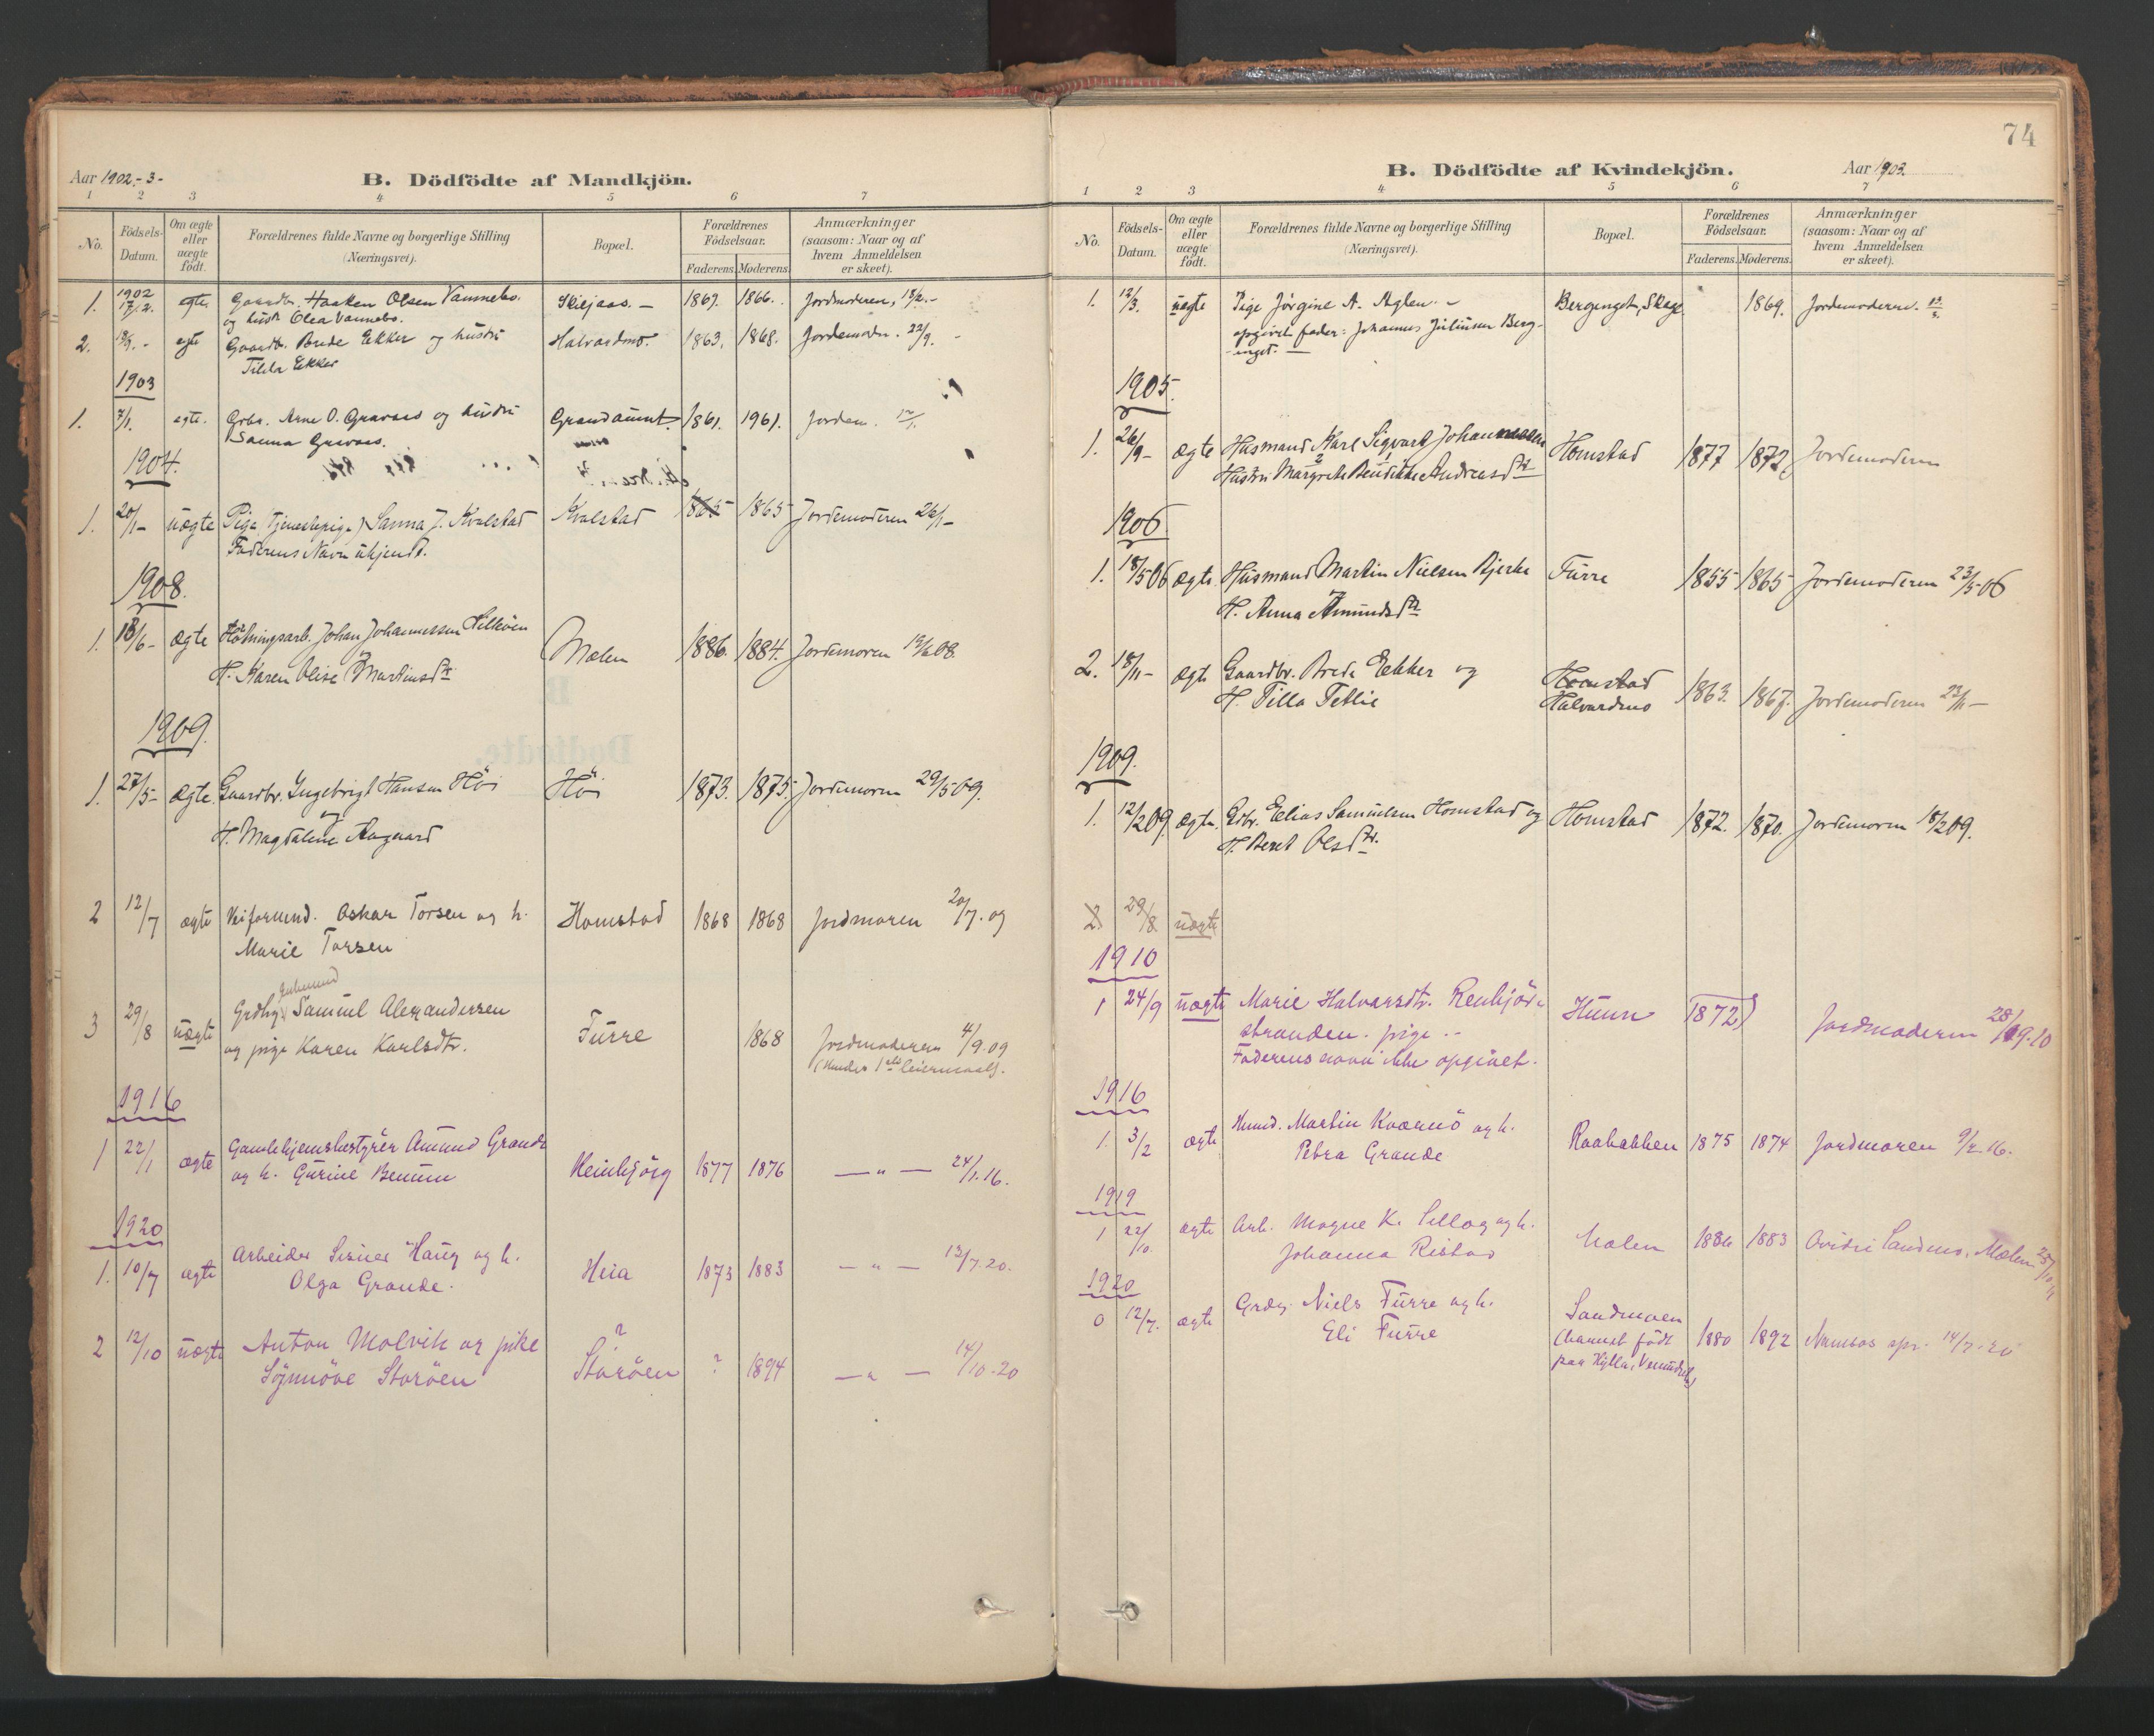 SAT, Ministerialprotokoller, klokkerbøker og fødselsregistre - Nord-Trøndelag, 766/L0564: Ministerialbok nr. 767A02, 1900-1932, s. 74